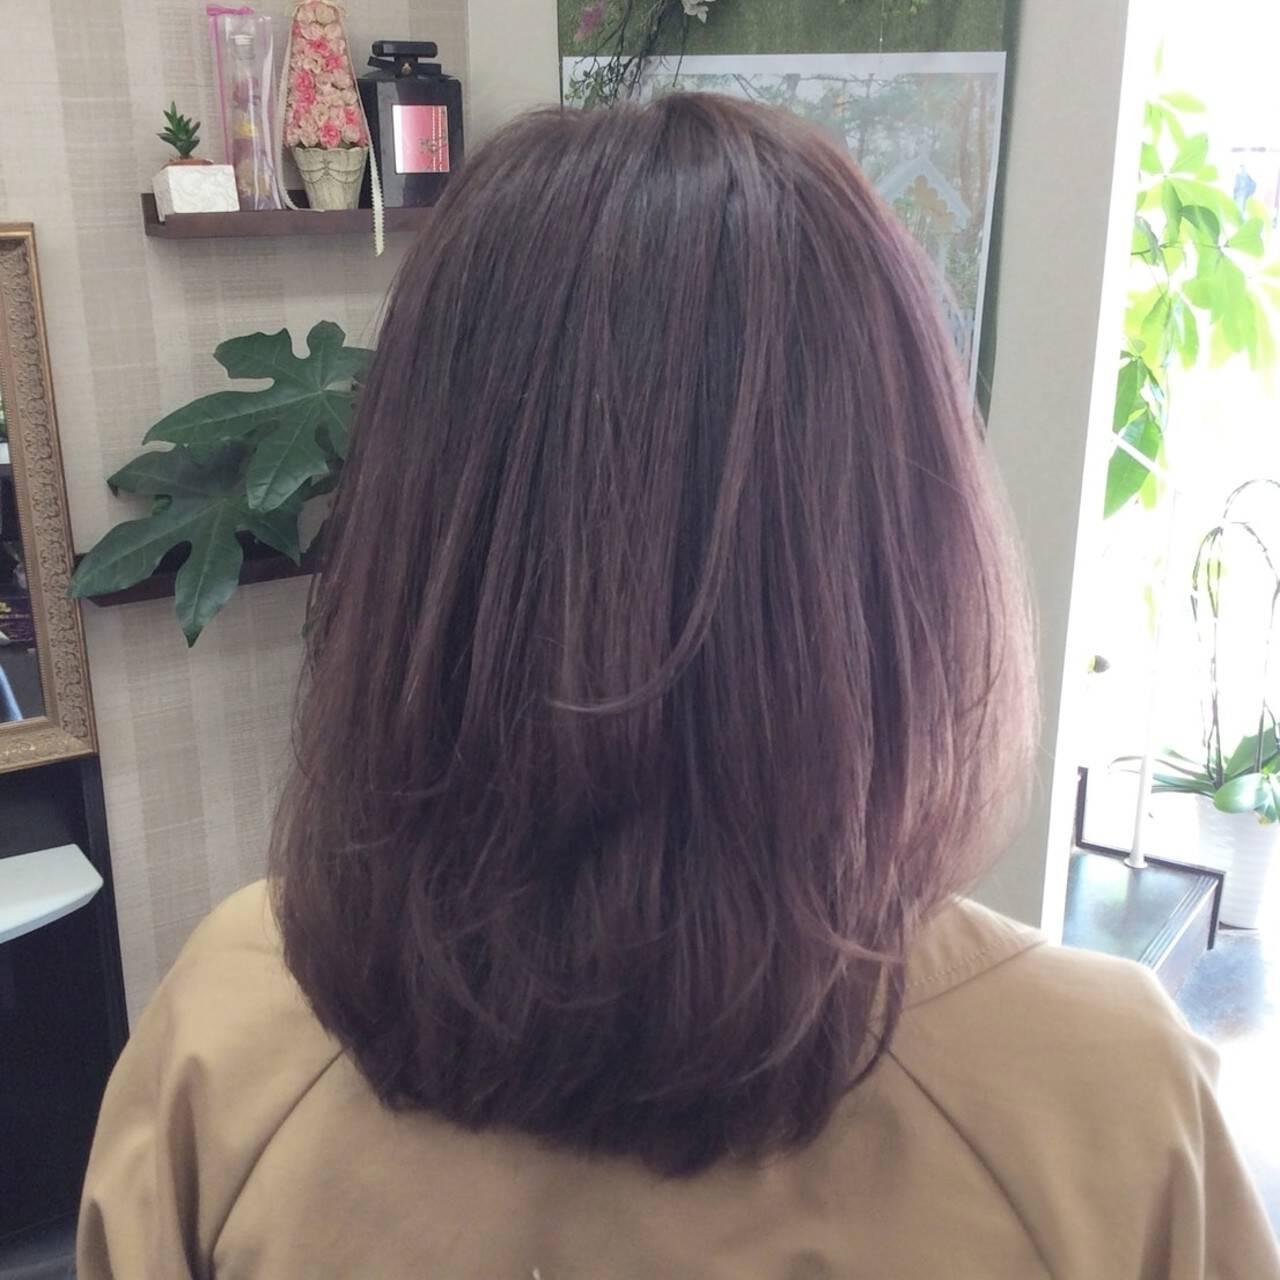 ラベンダーカラー ラベンダーグレージュ ナチュラル ラベンダーヘアスタイルや髪型の写真・画像